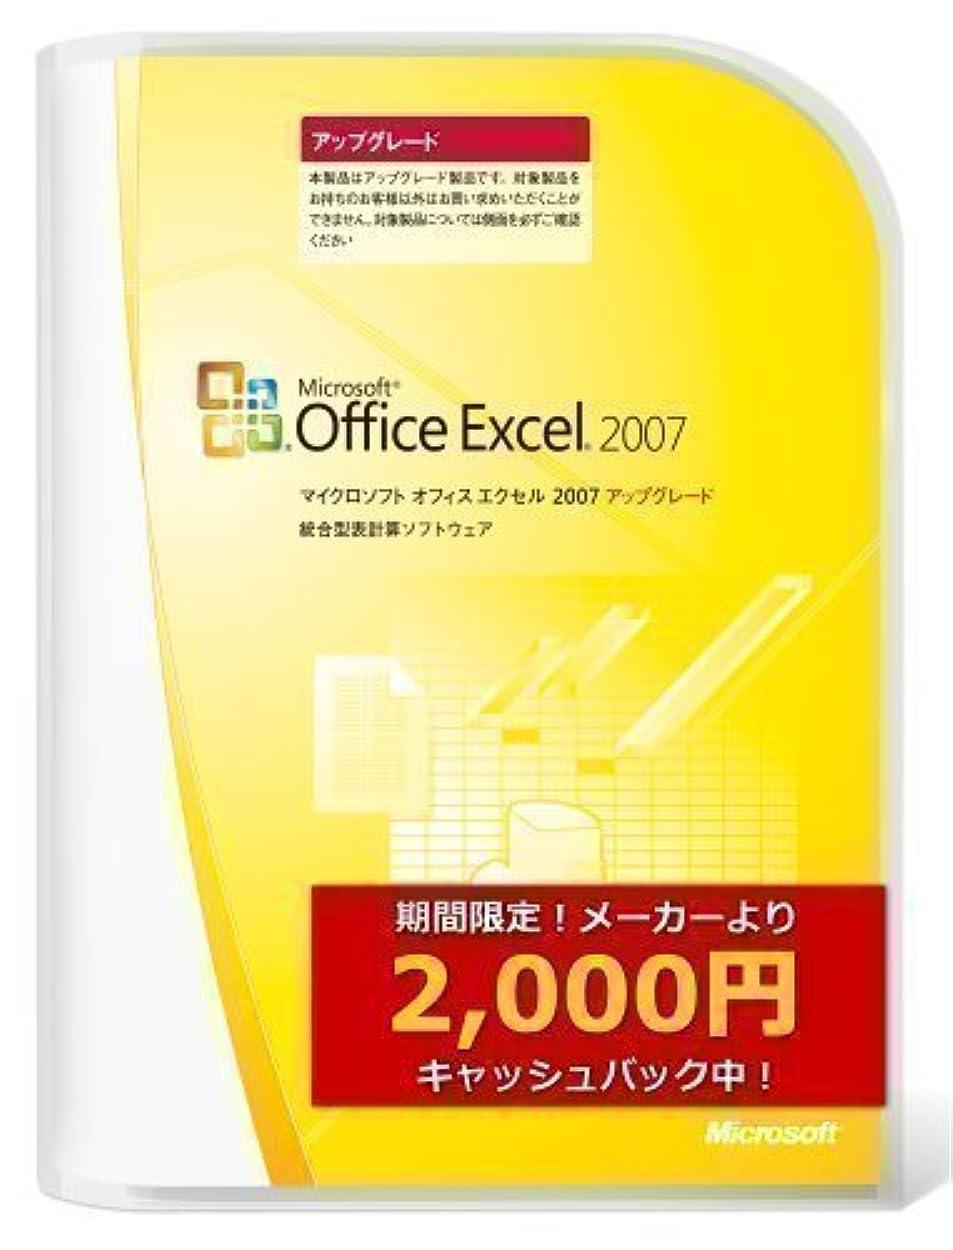 ギャラントリー気楽な【旧商品/メーカー出荷終了/サポート終了】Microsoft Office Excel 2007 アップグレード